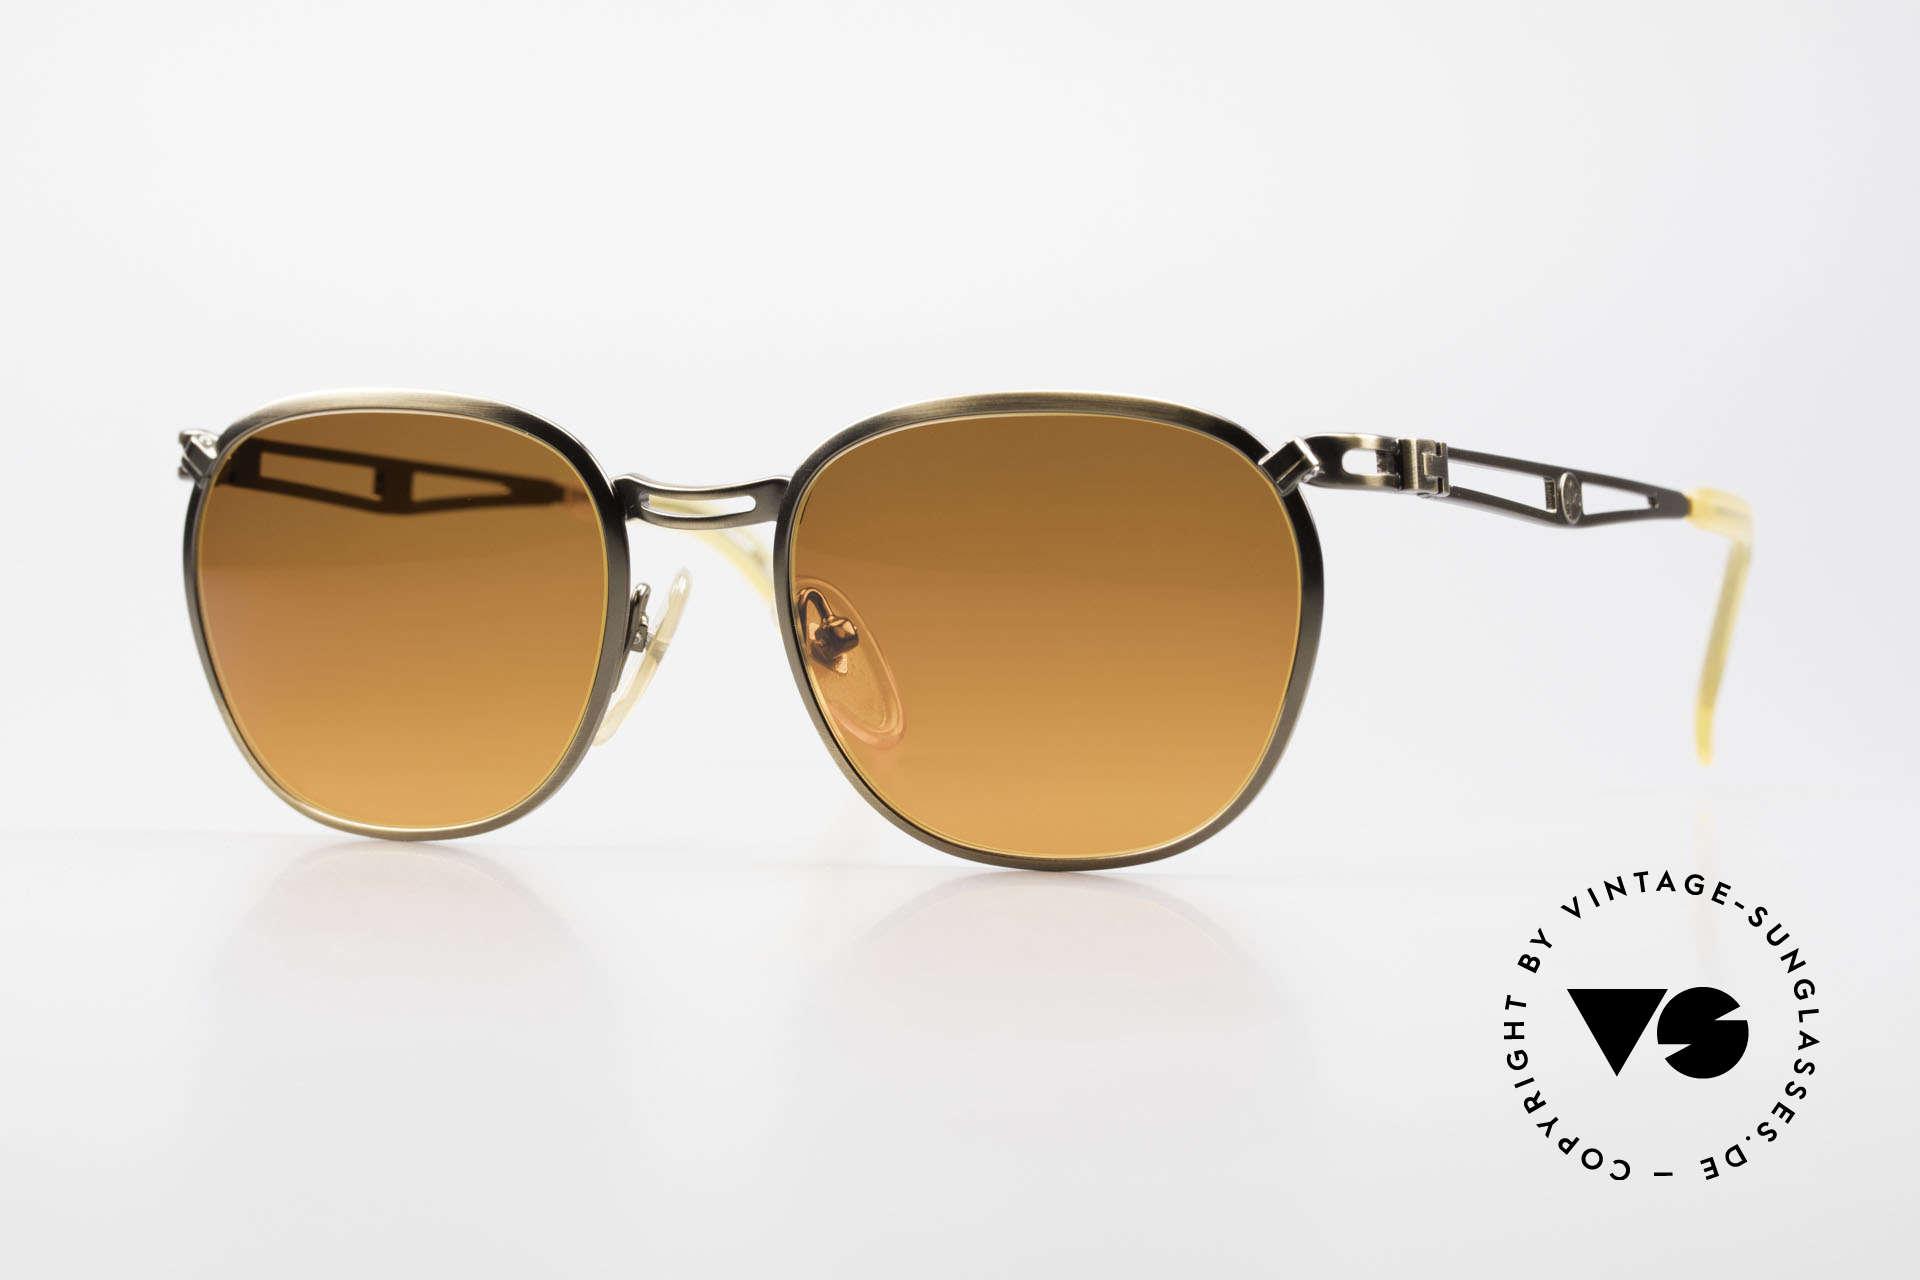 Jean Paul Gaultier 56-2177 Sunset Gläser in Orange Verlauf, 90er Jahre Jean Paul GAULTIER Designersonnenbrille, Passend für Herren und Damen